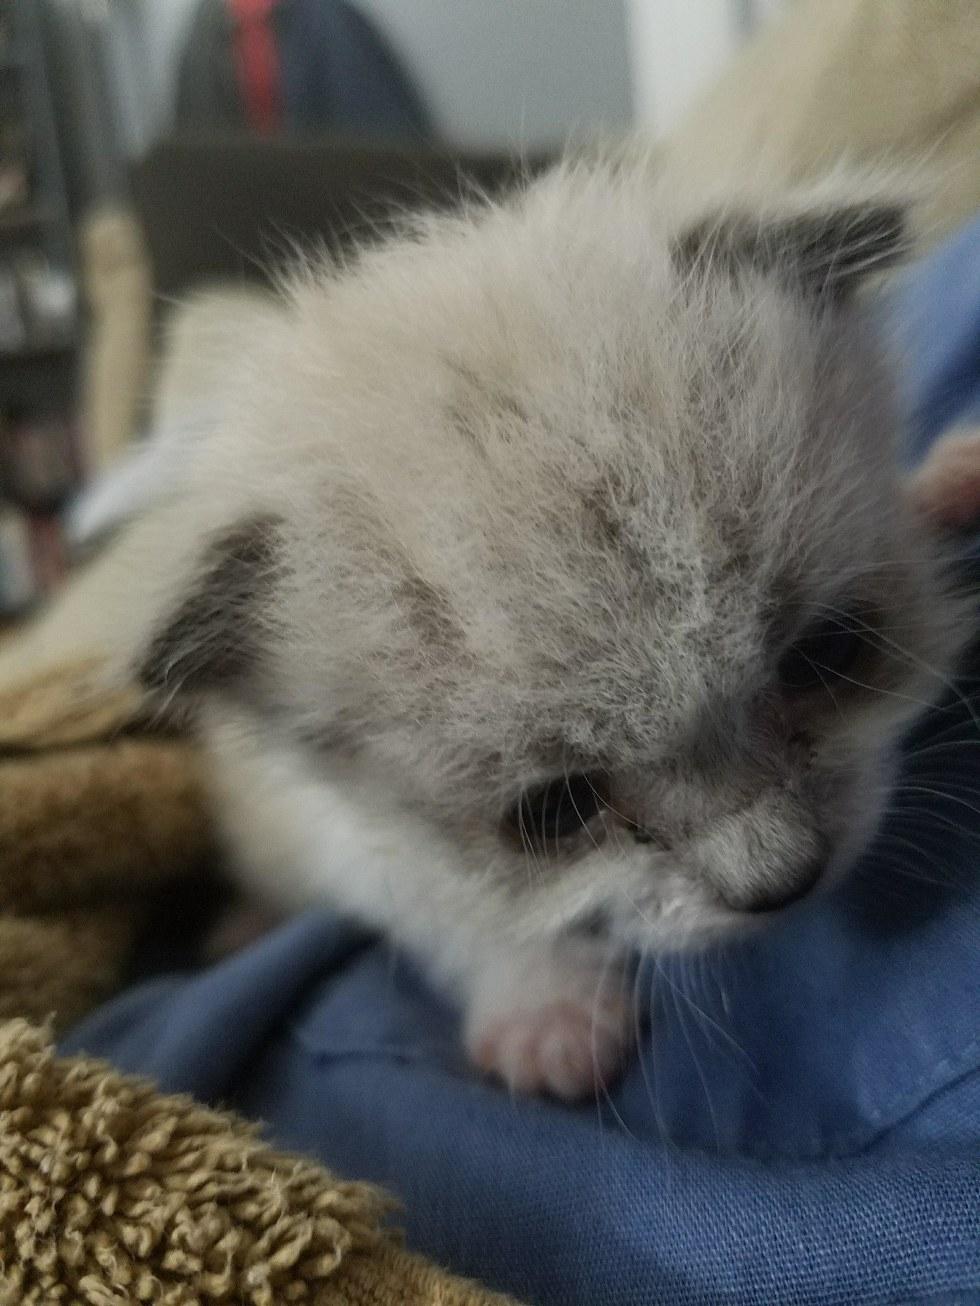 Гараж: кошачья версия! Однажды мужчина услышал плач на участке своего соседа... Теперь спасённый малыш - главный позитивчик в доме! :) рис 2